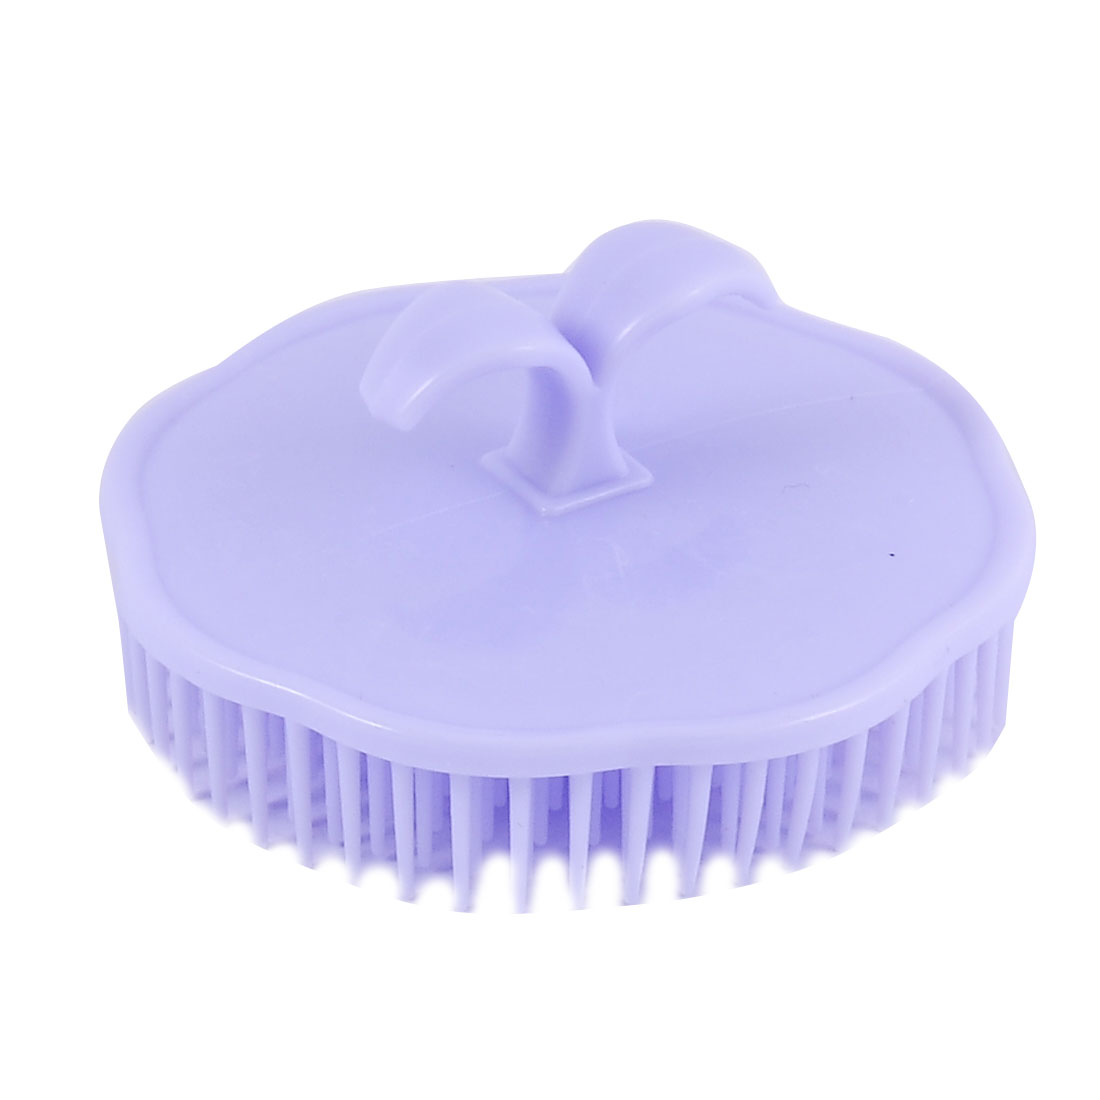 Massage Cuir chevelu Cheveux en Plastique tête Brosse shampooinage Conditionneur Peigne Violet Clair - image 1 de 1